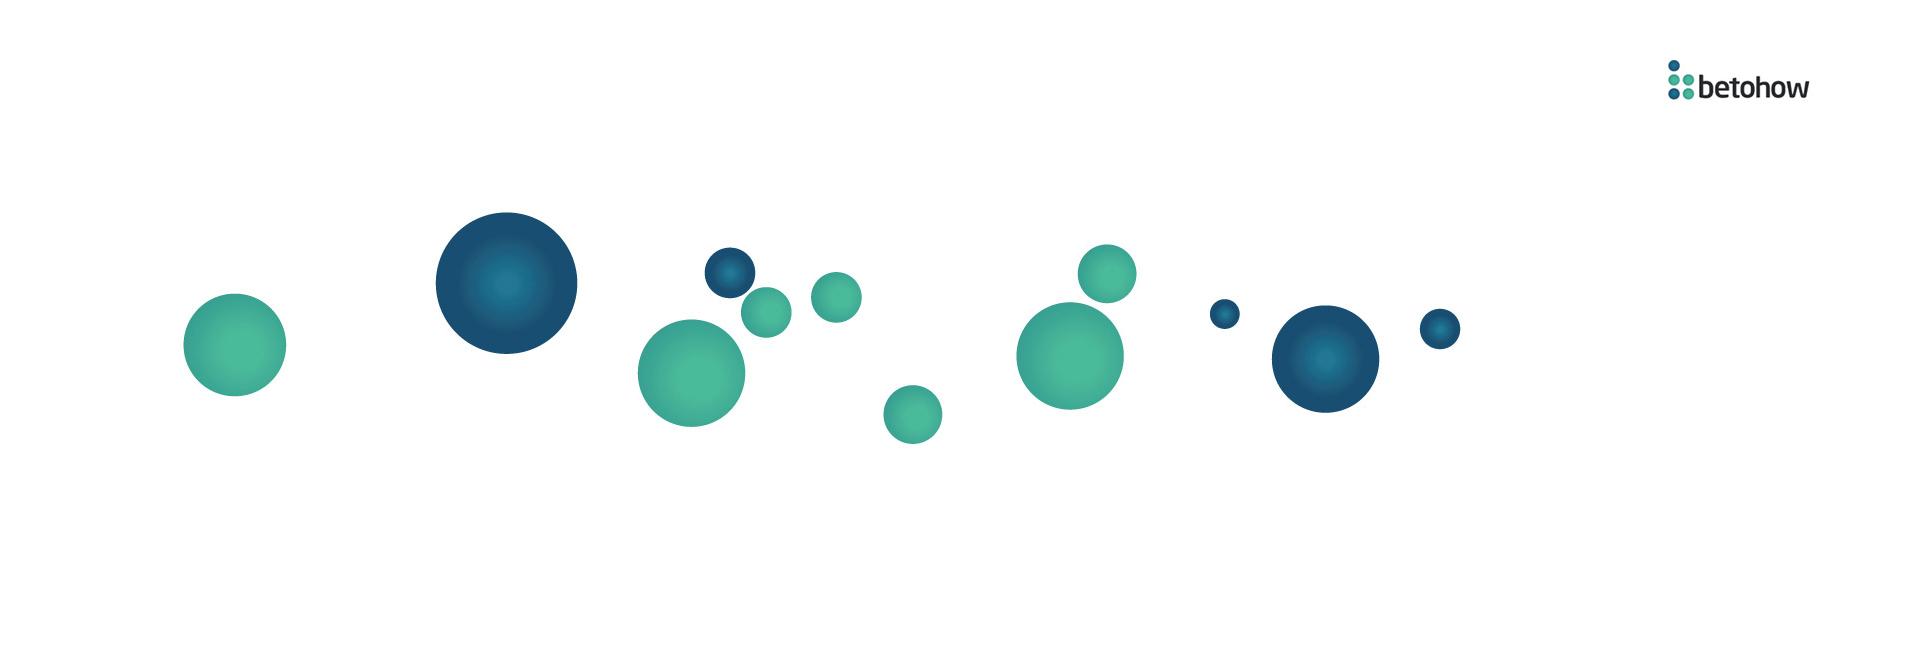 电商公司logo设计_电商vi设计